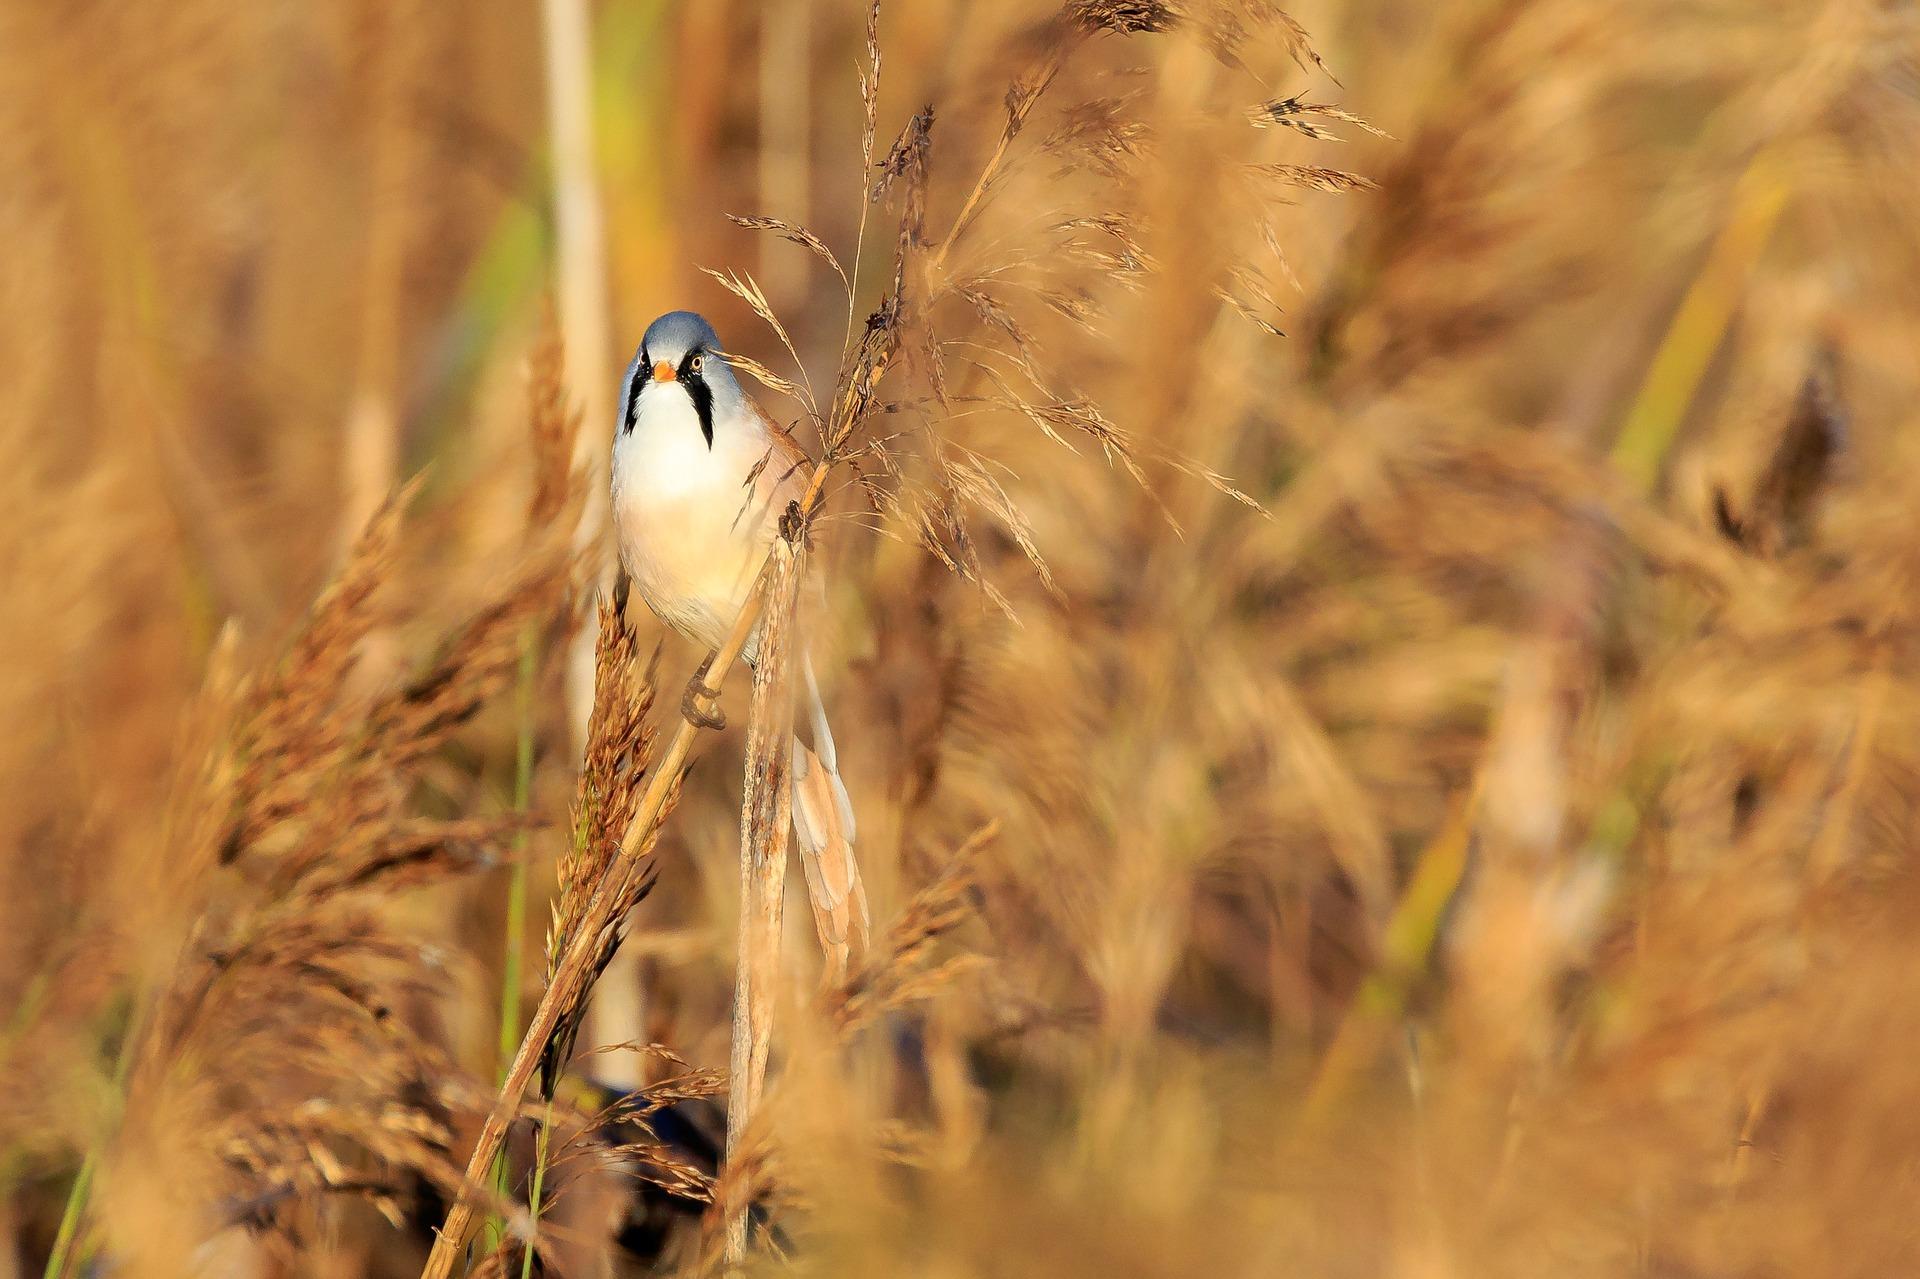 Höchstspannungs-Freileitung im Vogelschutzgebiet